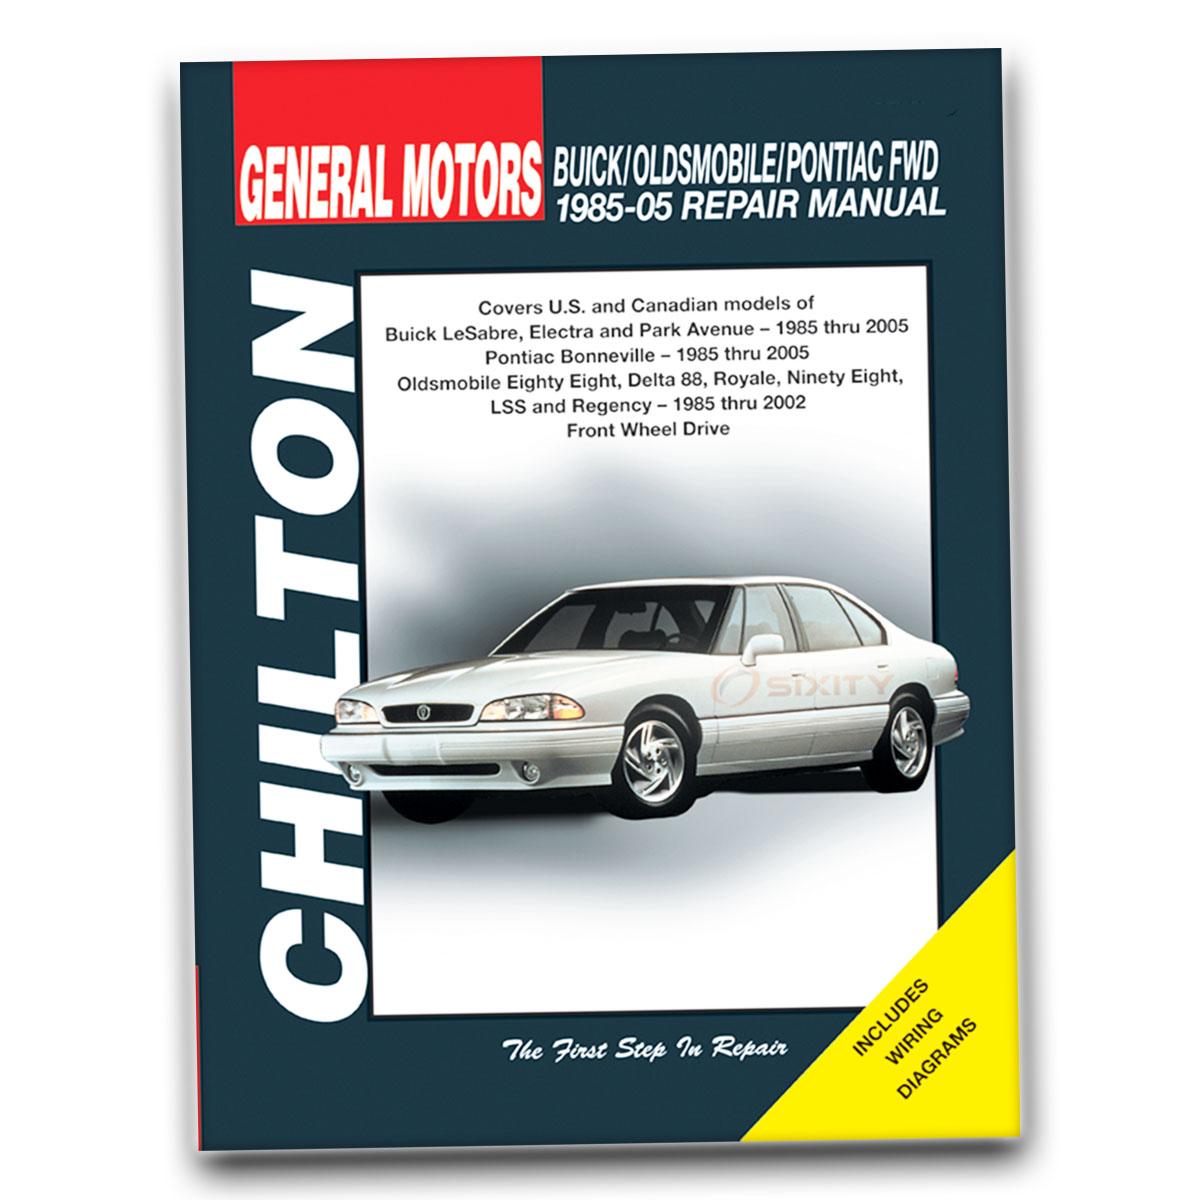 1996 Oldsmobile 88 Repair Manual